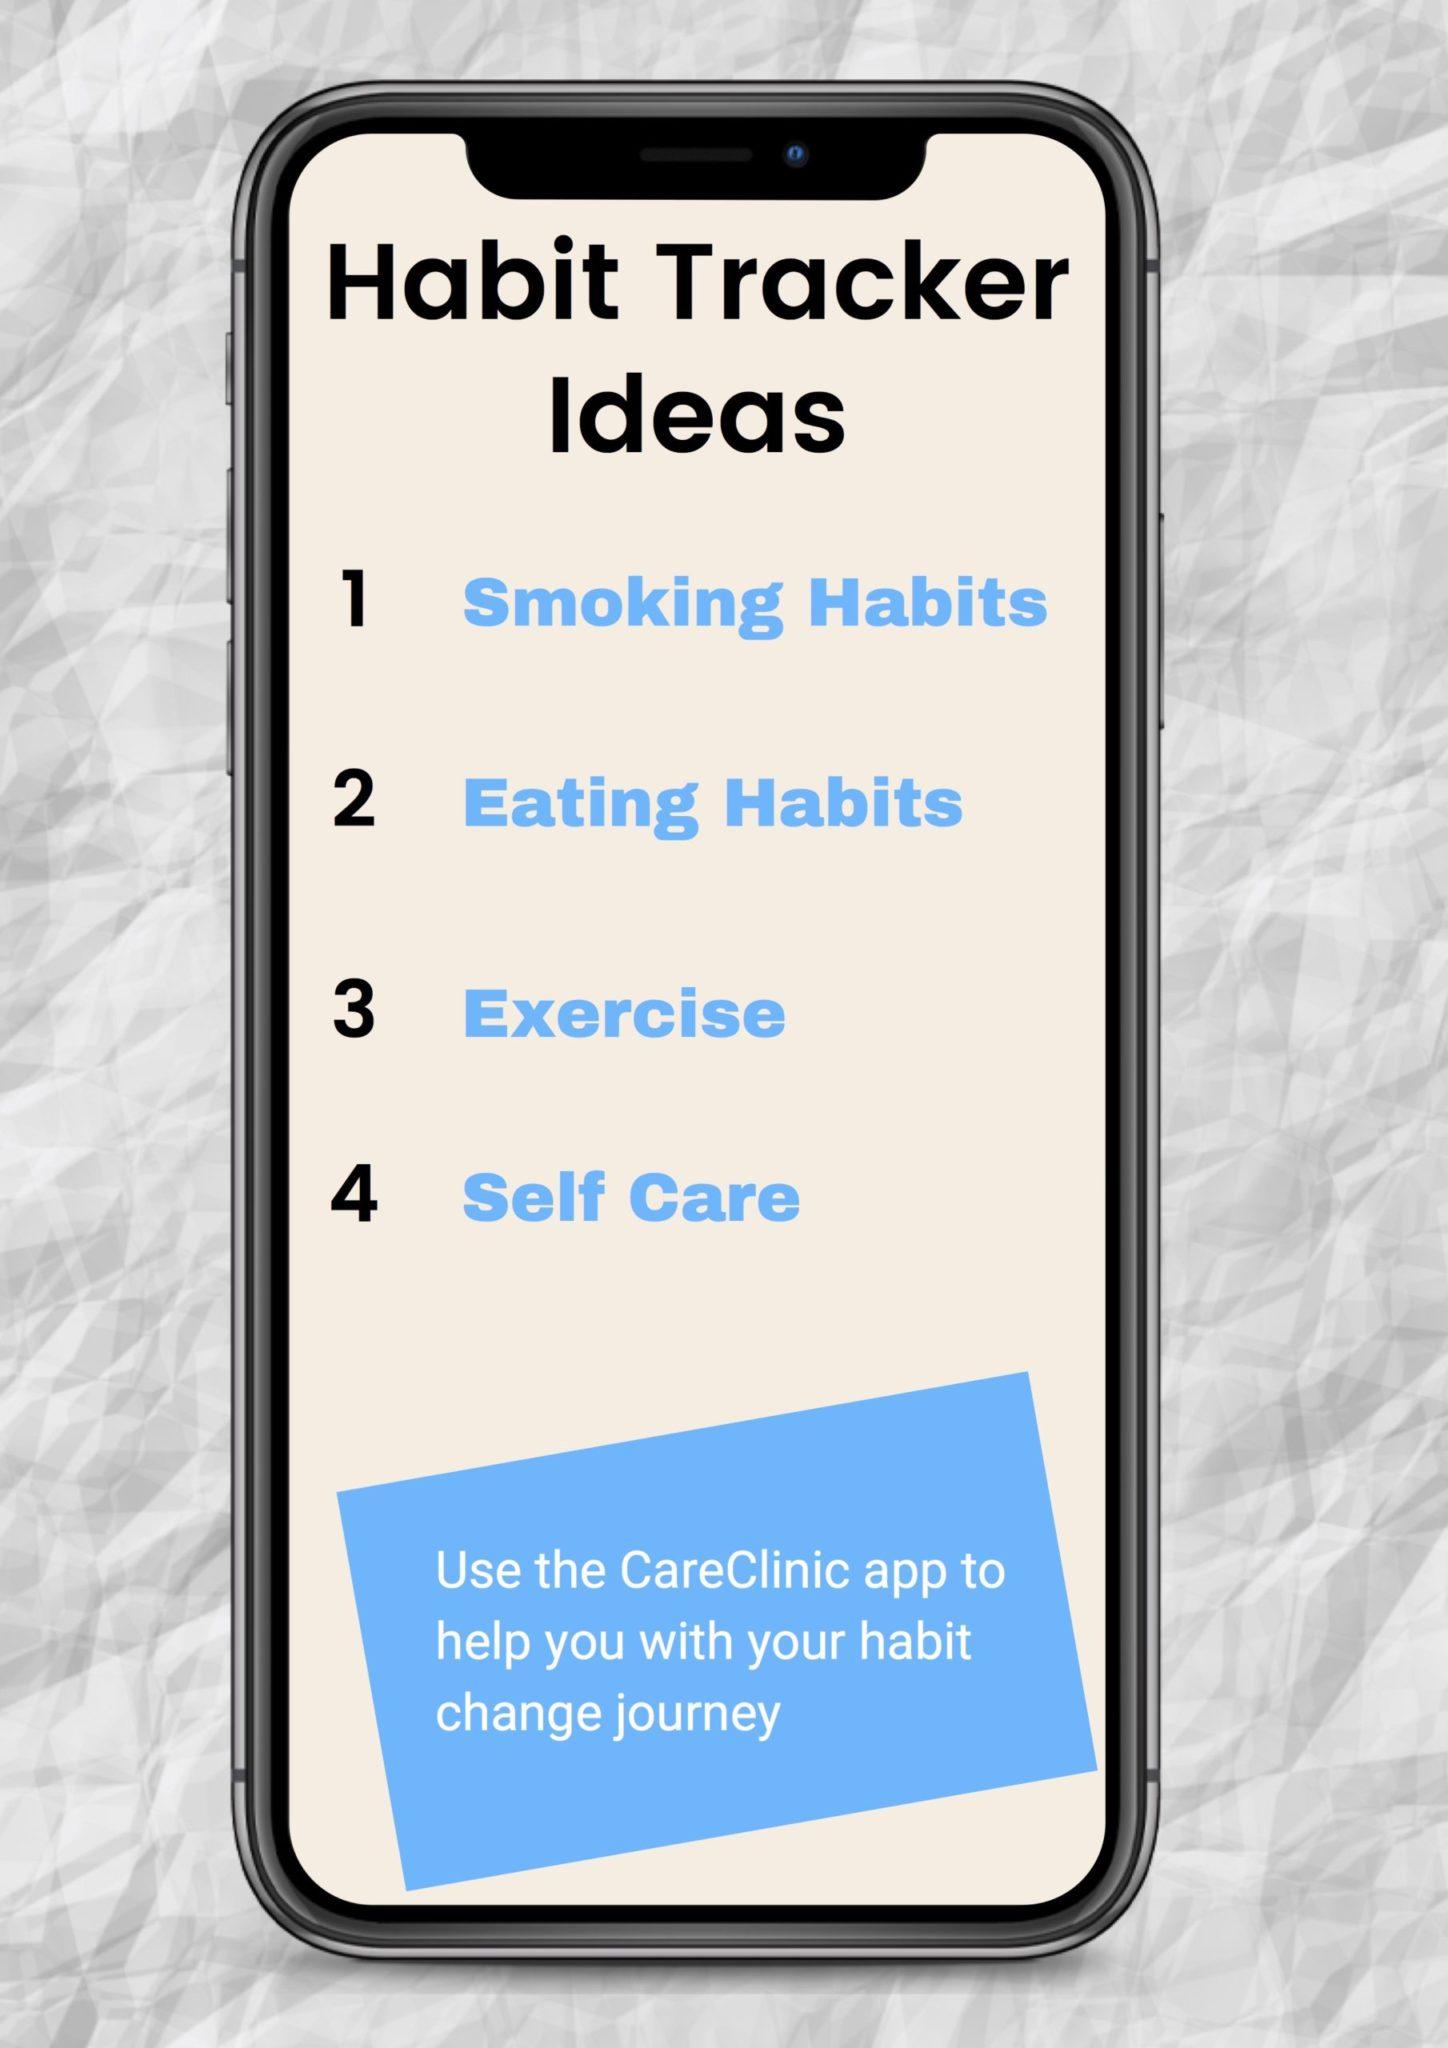 Habit Tracker Ideas